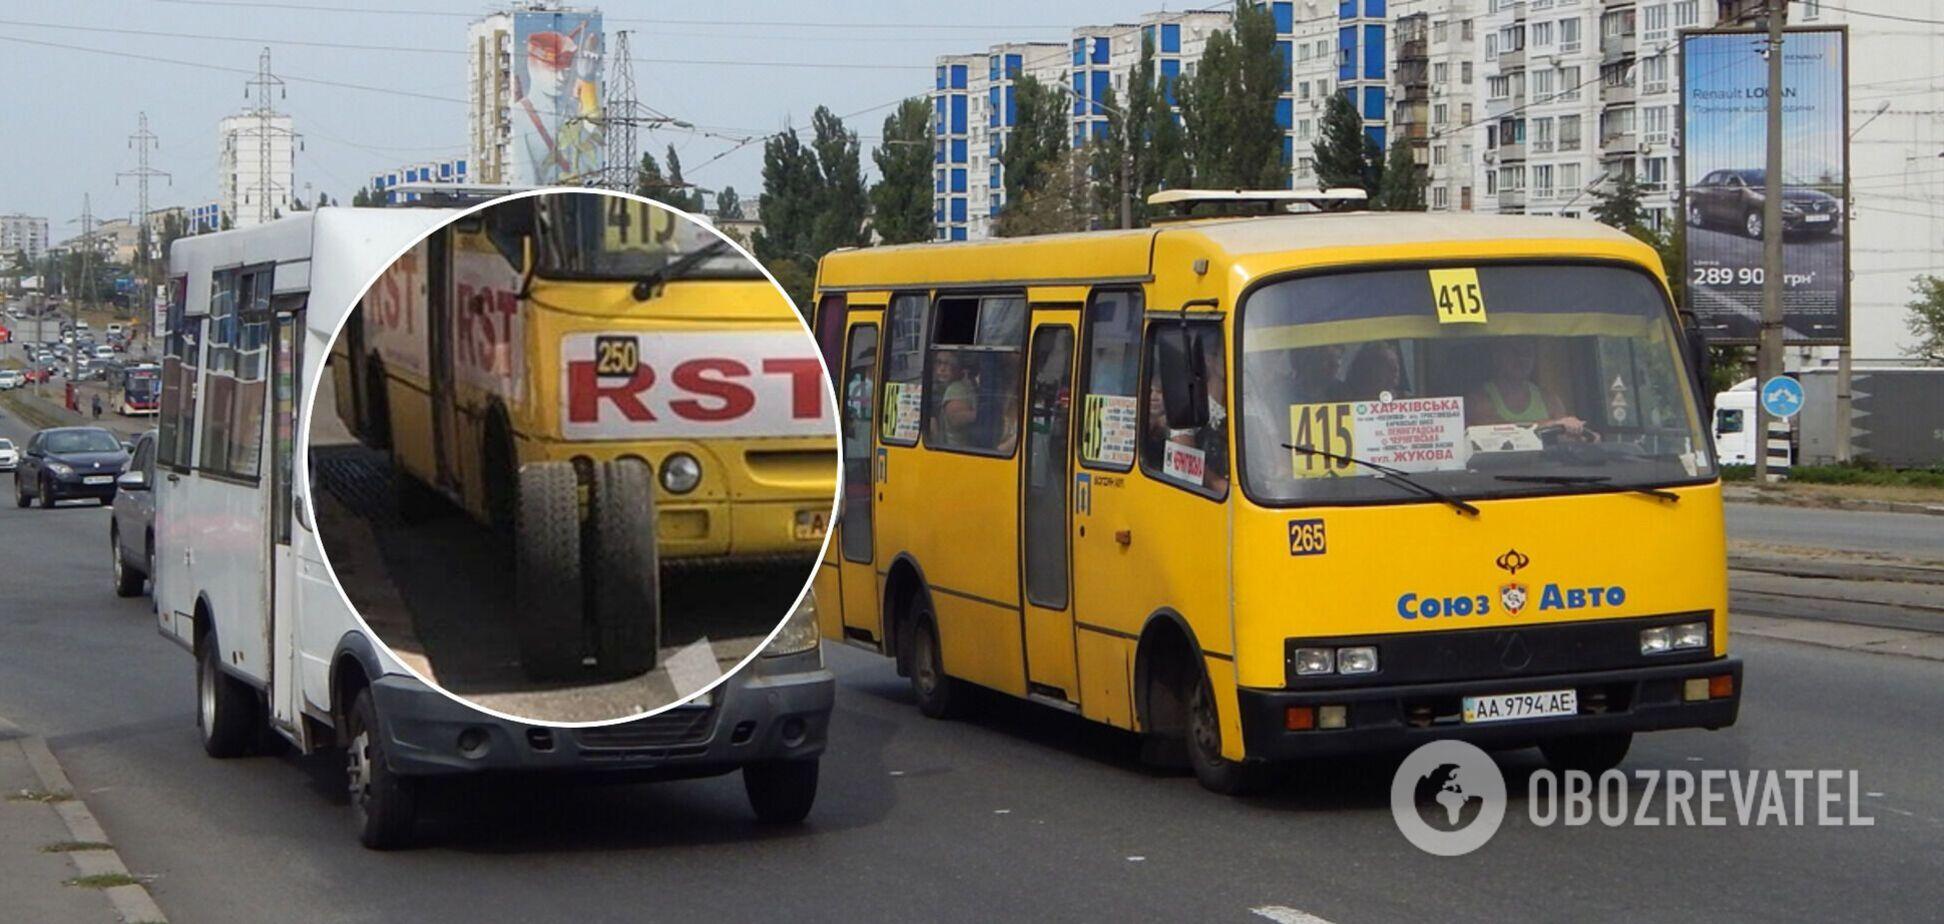 Водителю может грозить административная ответственность